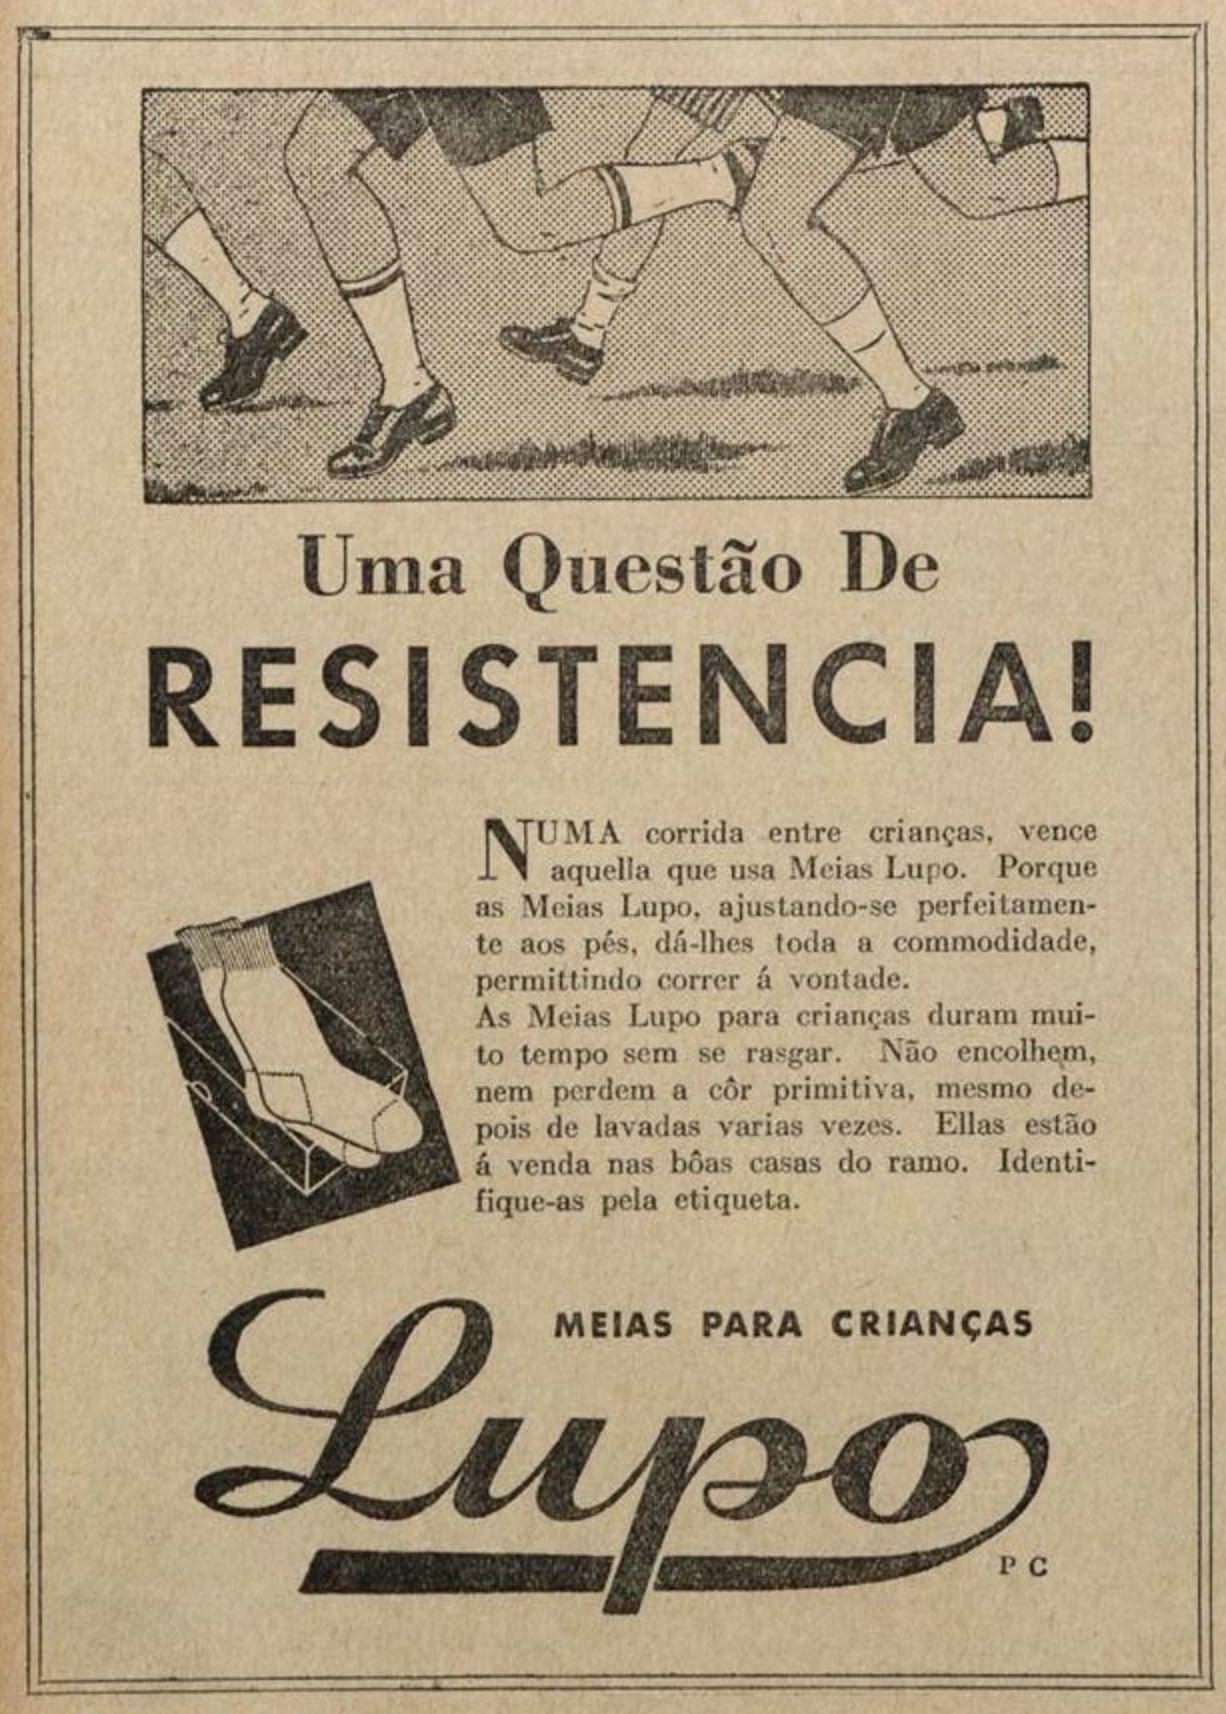 Anúncio antigo promovia as meias Lupo para crianças em 1938